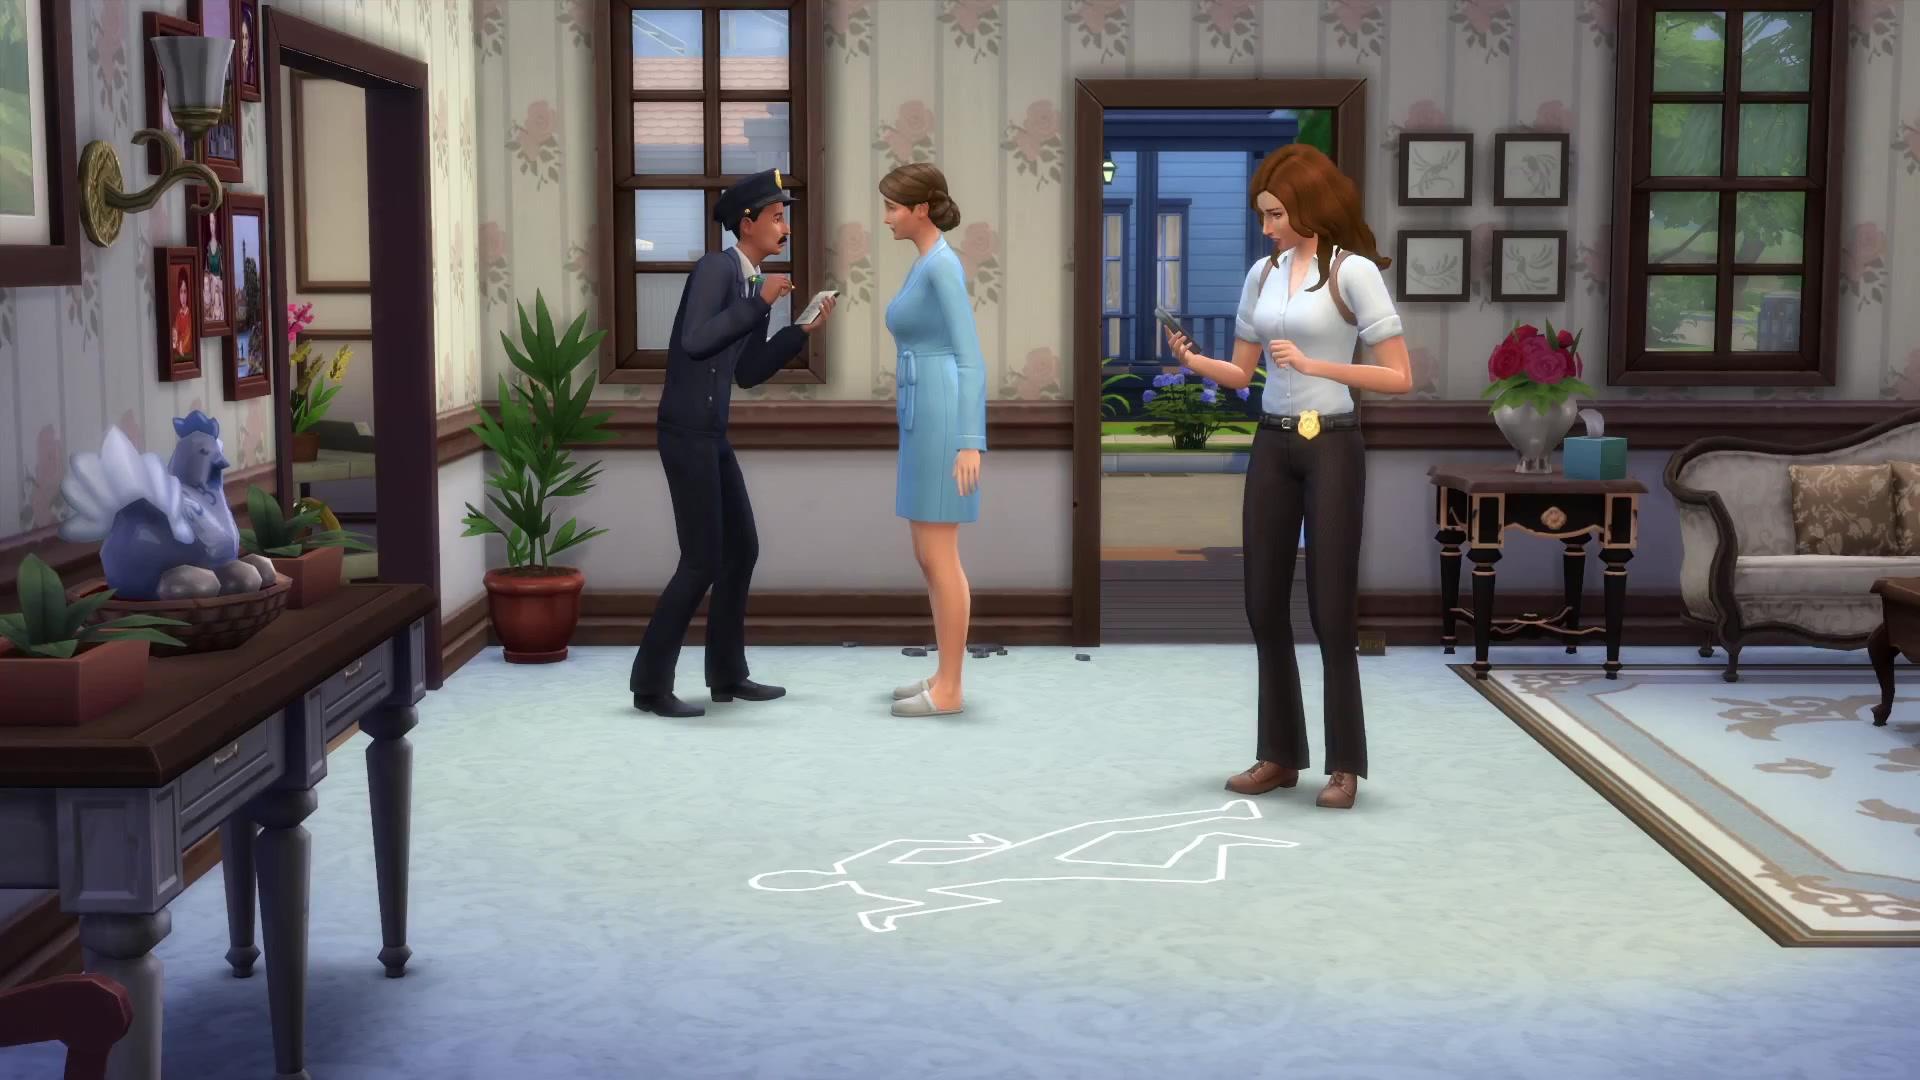 neue details zu die sims 4 an die arbeit simtimes. Black Bedroom Furniture Sets. Home Design Ideas